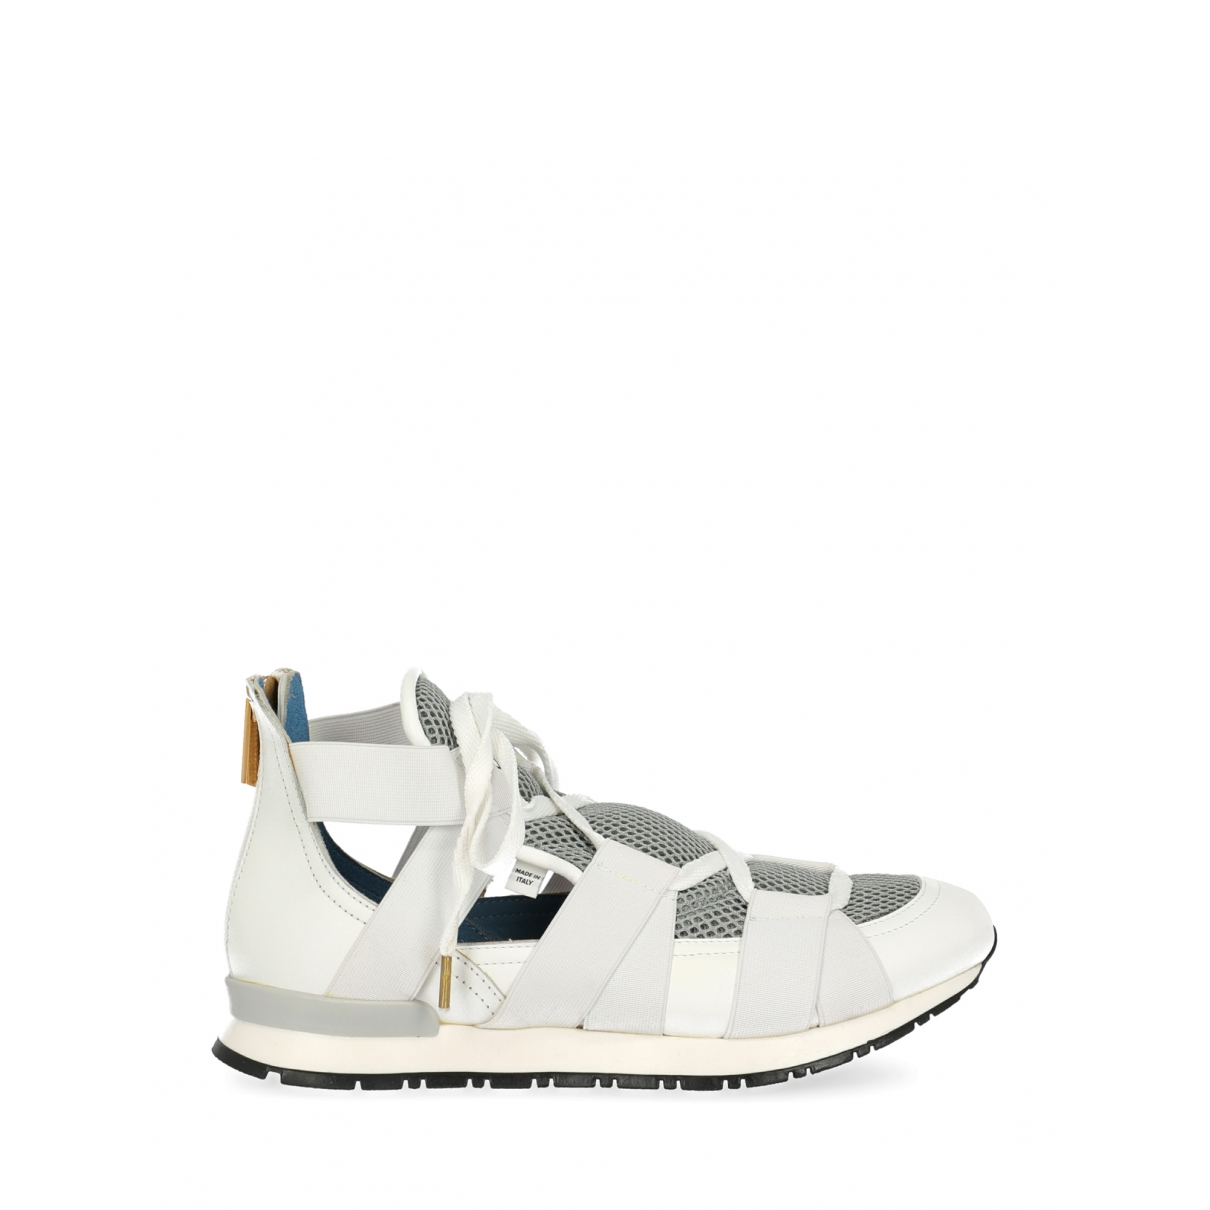 Vionnet \N Sneakers in  Weiss Leder